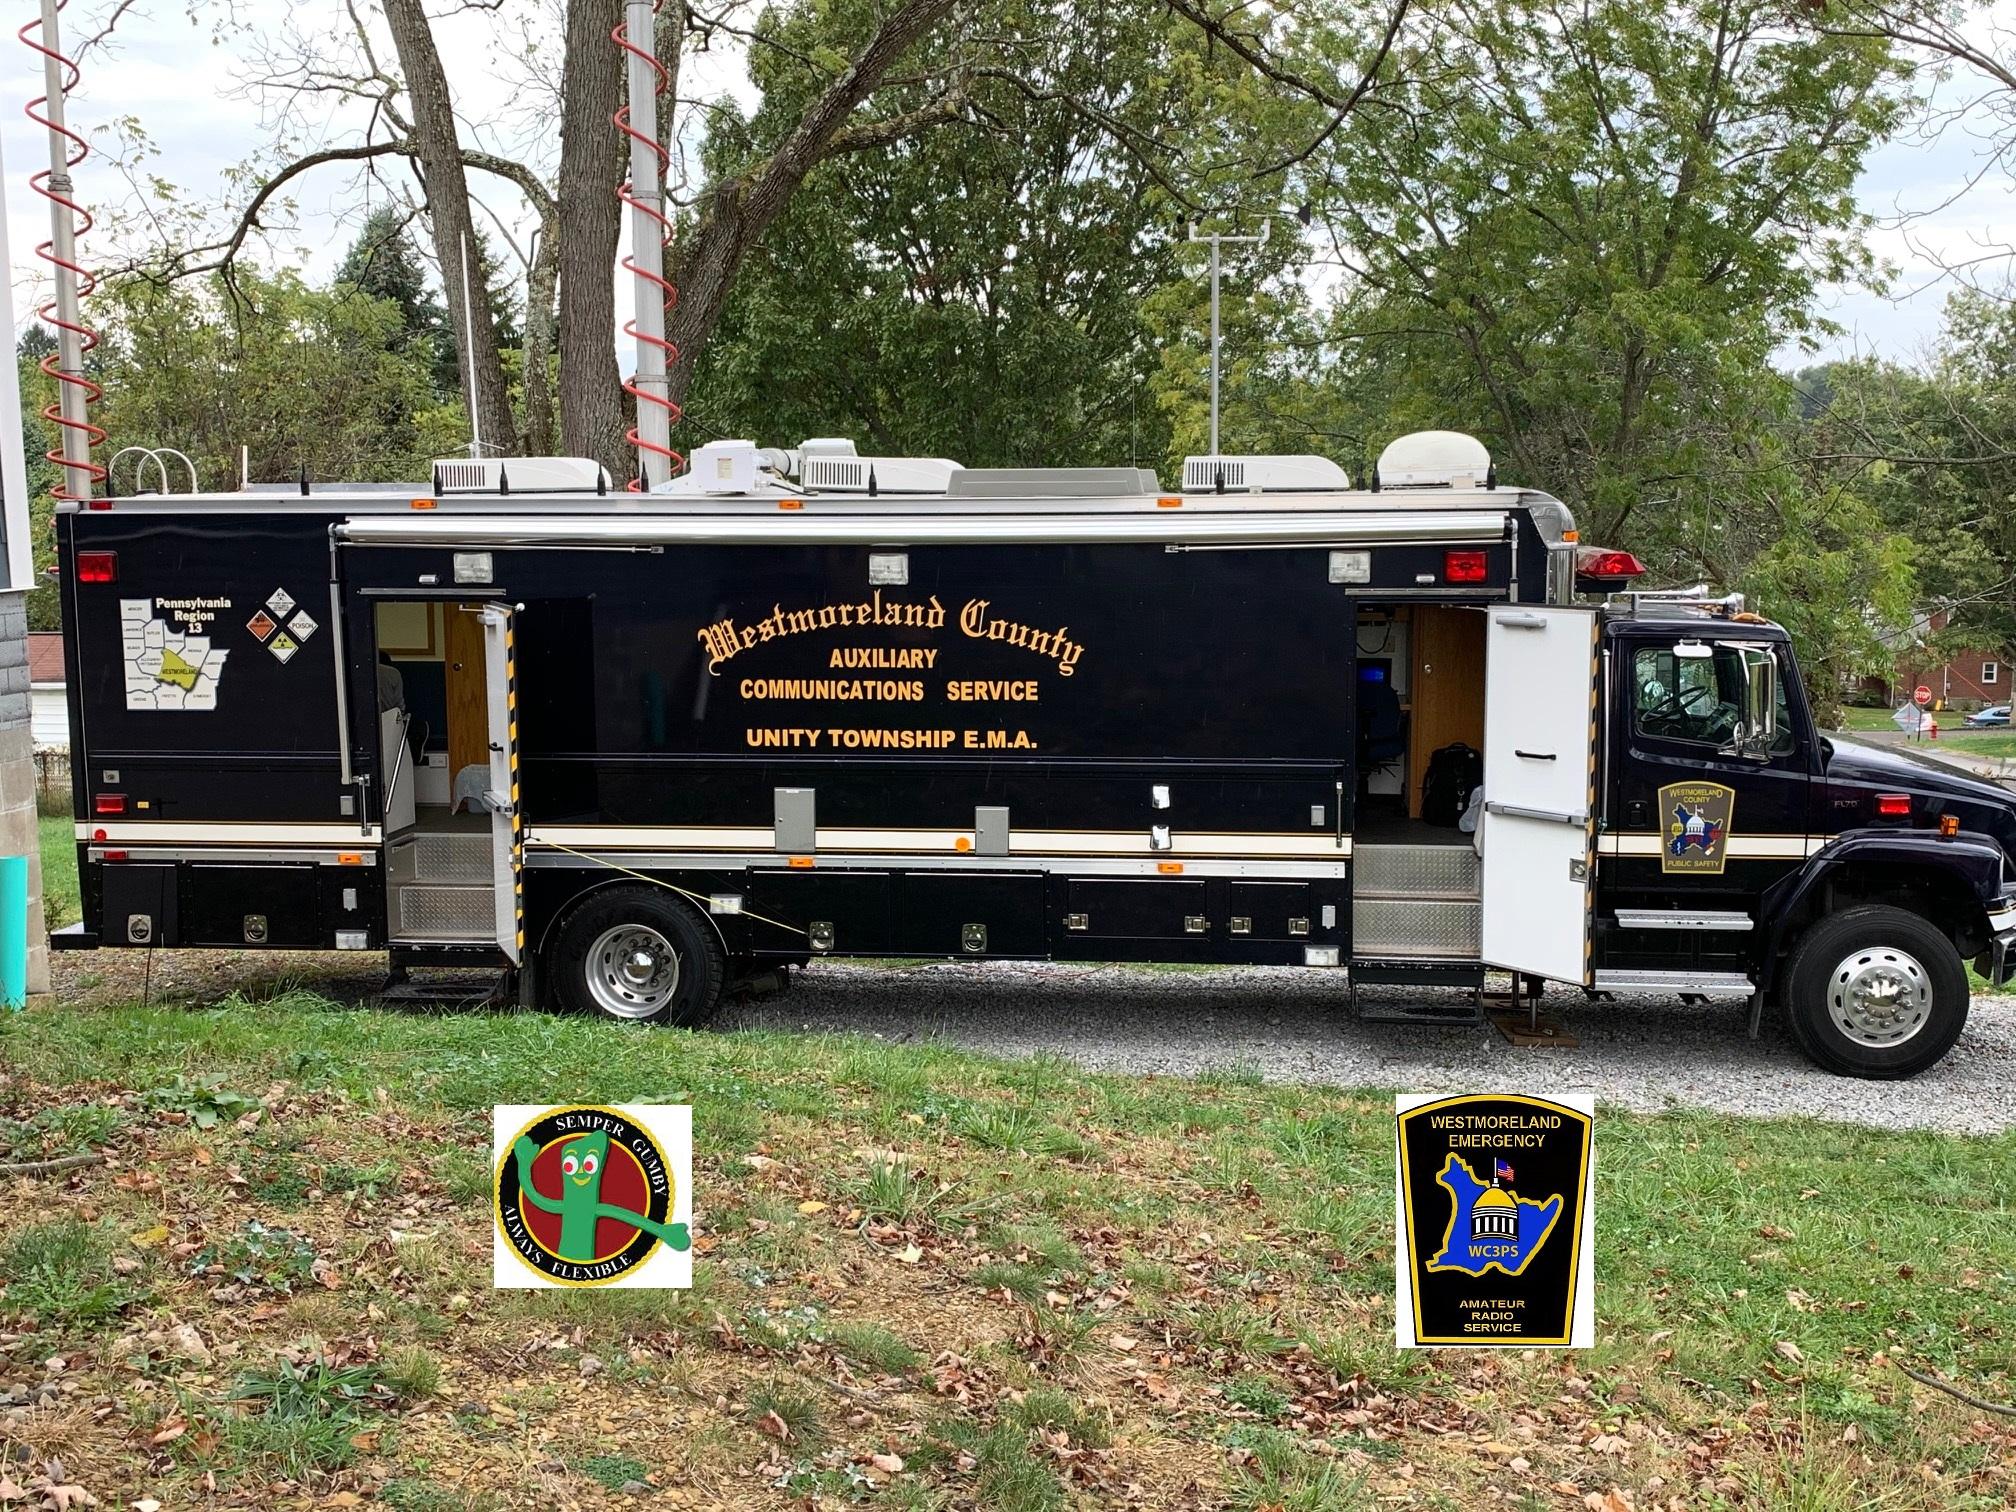 Westmoreland Emergency Amateur Radio Service